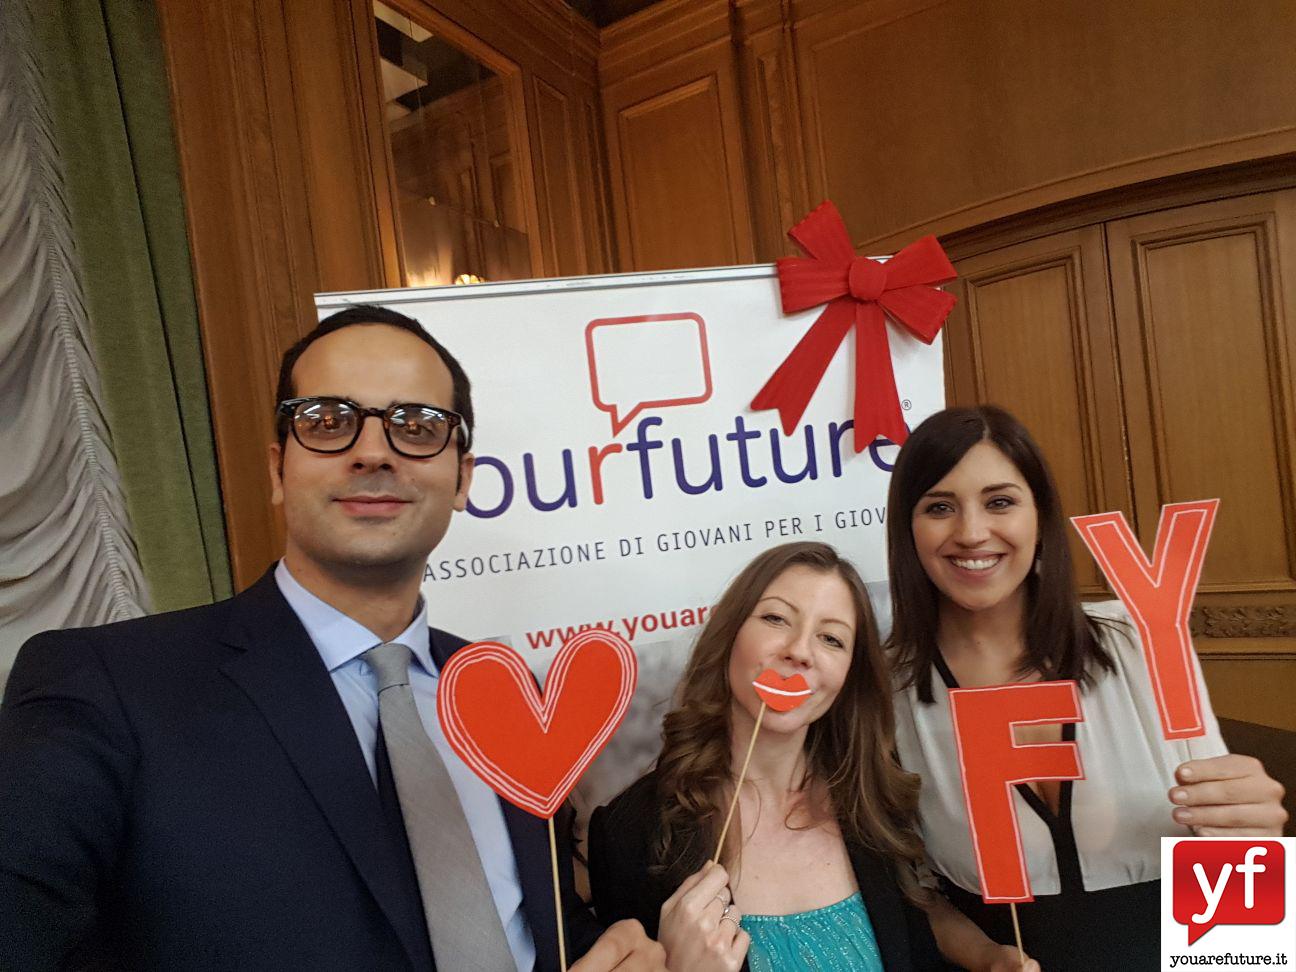 La responsabile dell'evento Angela Marcoccia, Luana Capriotti e Alessandro Cinque YF